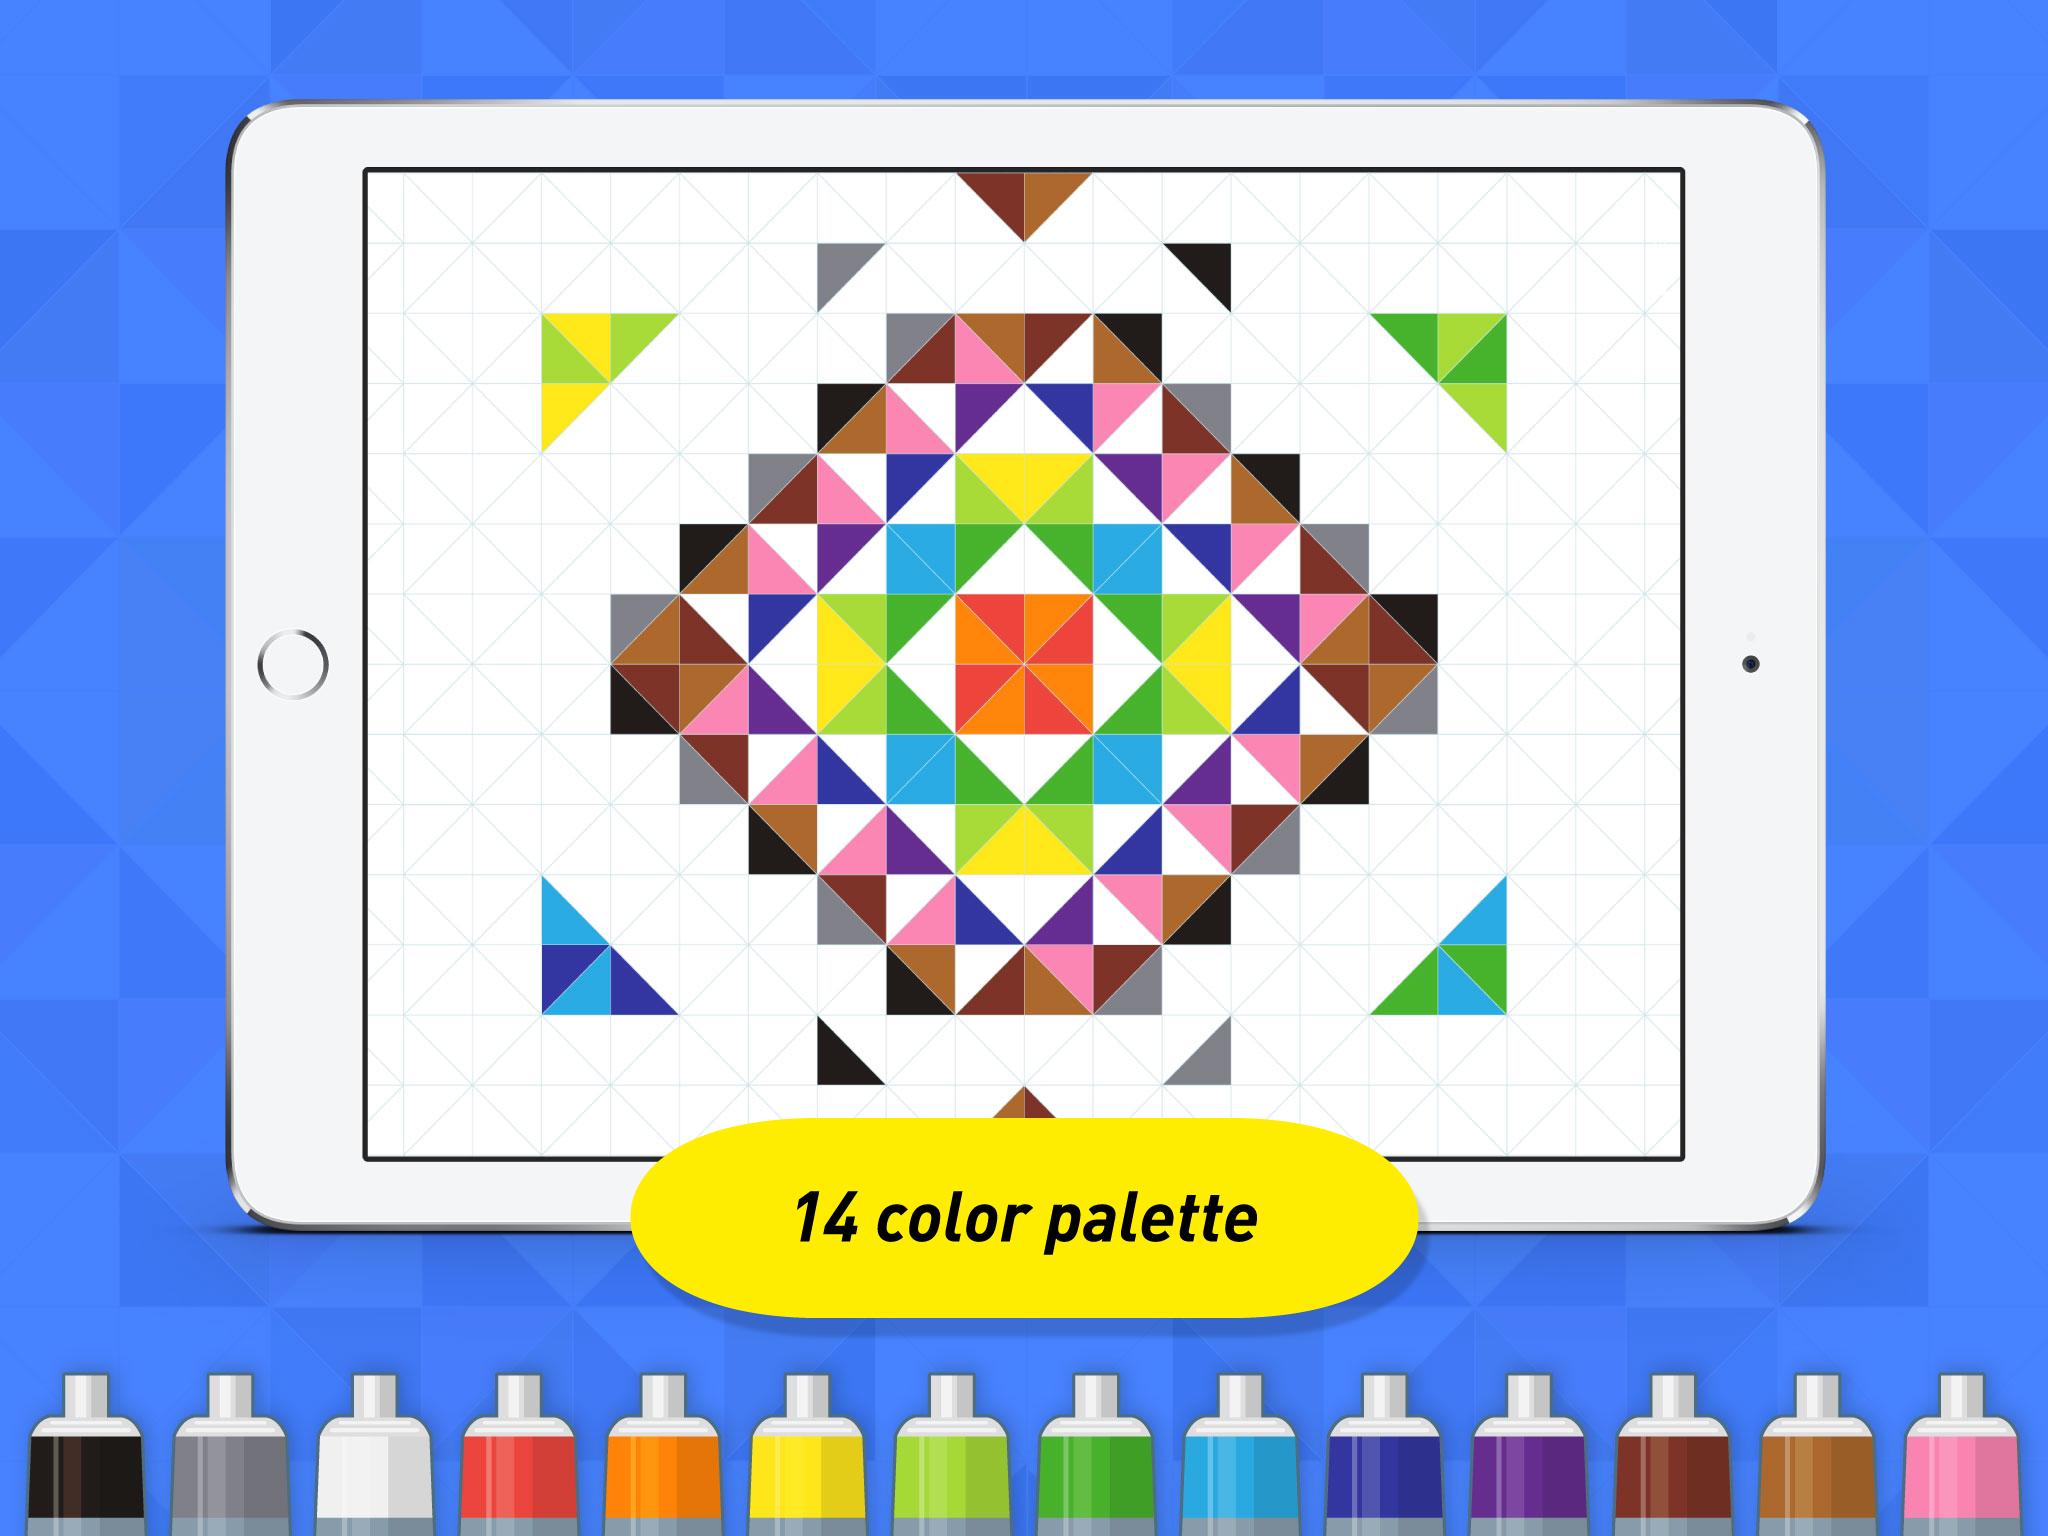 3_iPad_2048x1536 (1).jpg